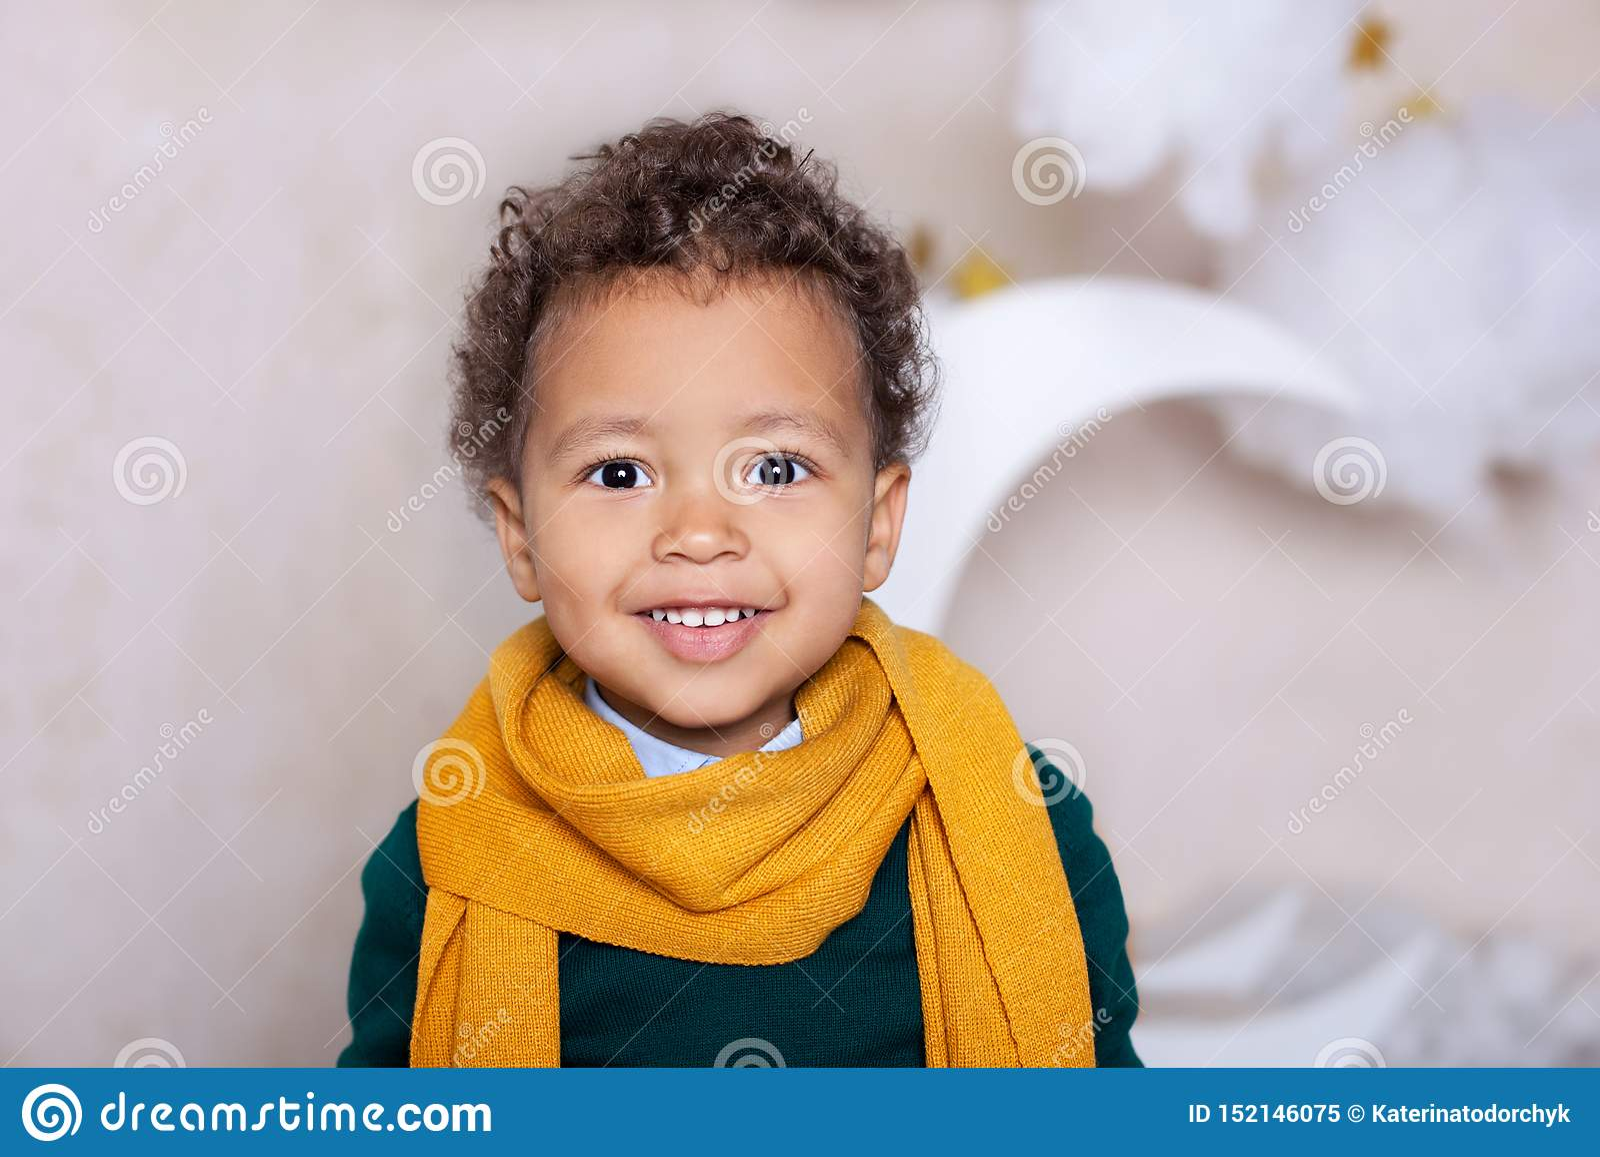 Zwart jongens dicht omhooggaand Portret Portret van een vrolijke glimlachende jongen in een gele sjaal de baby glimlacht Weinig A